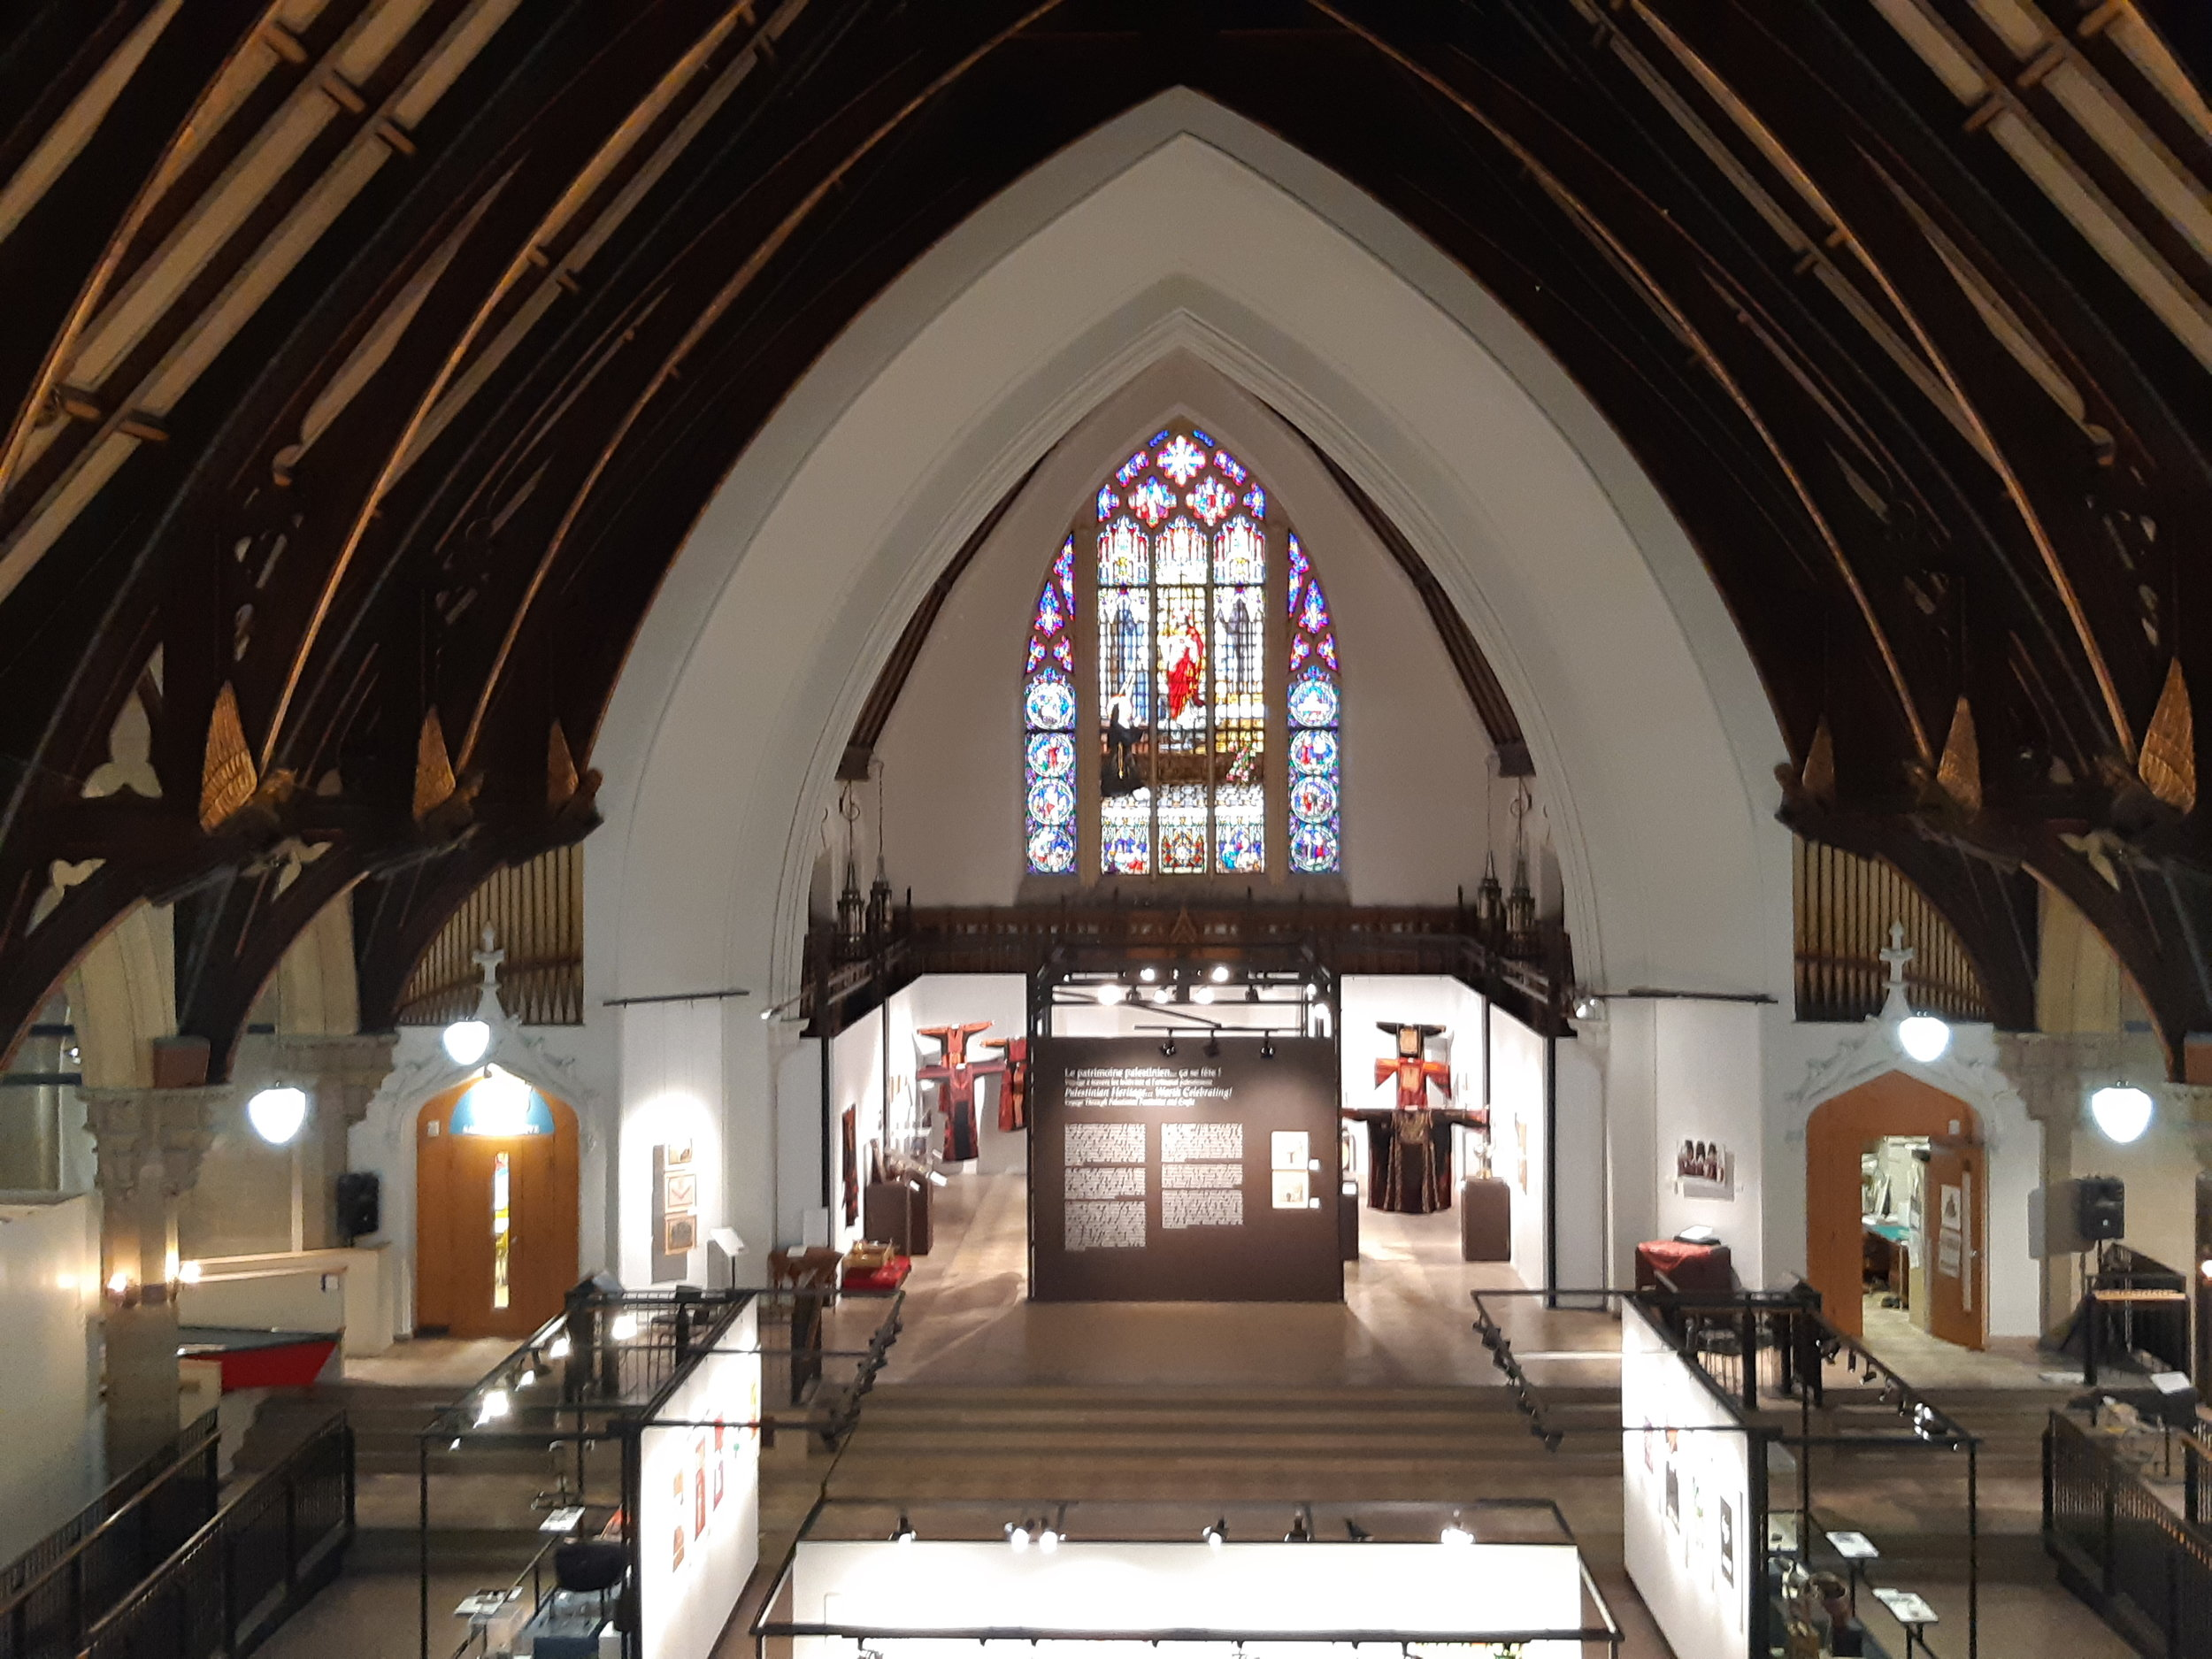 Source: Musée des maîtres et artisans du Québec